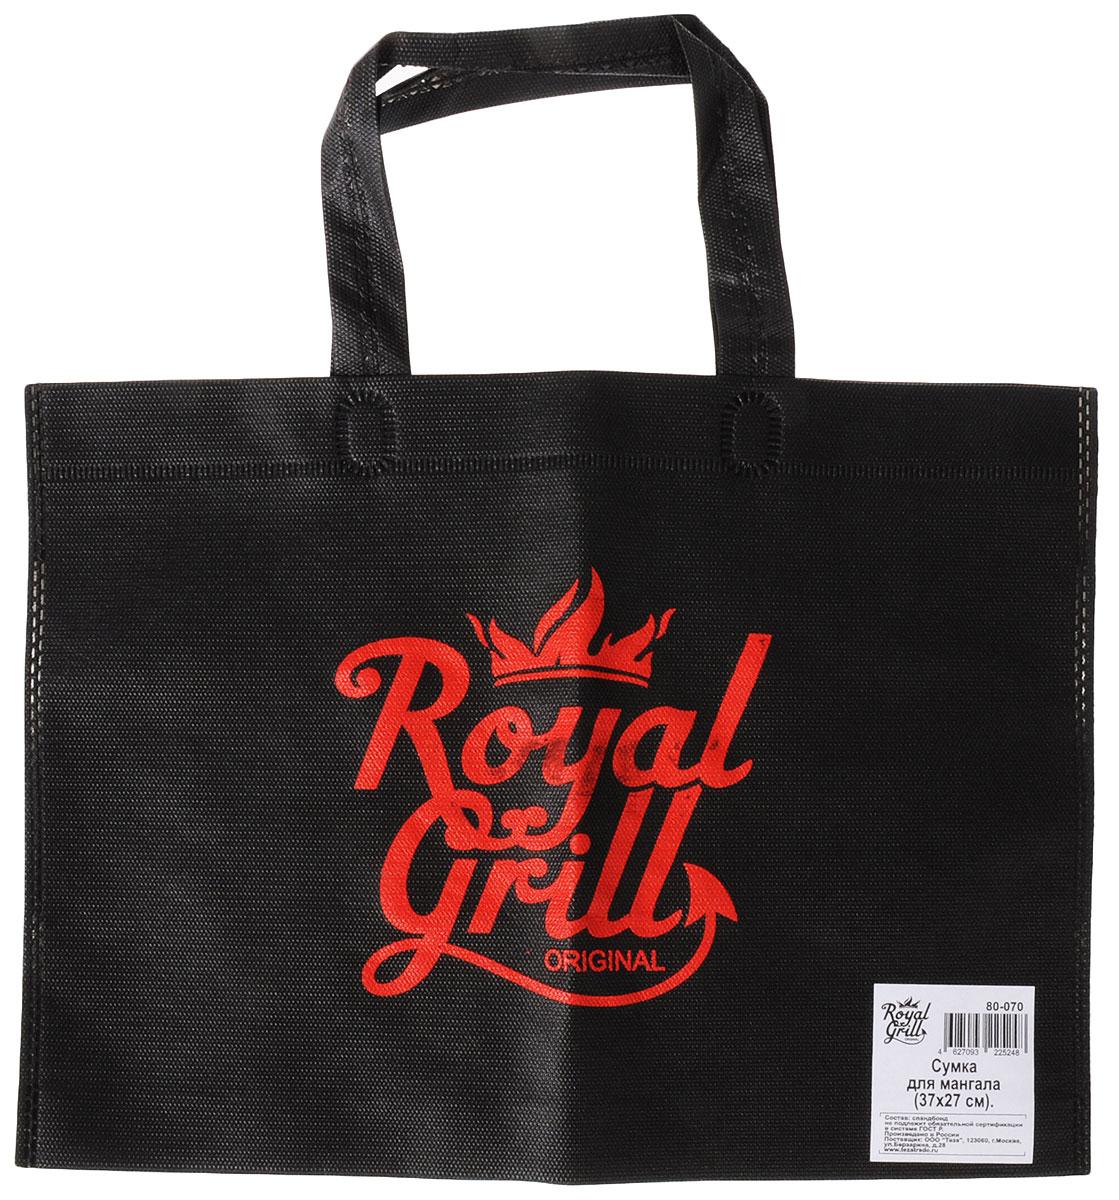 Сумка для мангала RoyalGrill, 37 х 27 см. 80-07080-070Сумка изготовлена из спандбонда и предназначена для переноски мангала на пикнике и в туристических походах. Изделие оснащено двумя удобными ручками. Размер сумки: 37 х 27 см. Высота ручек: 13 см.